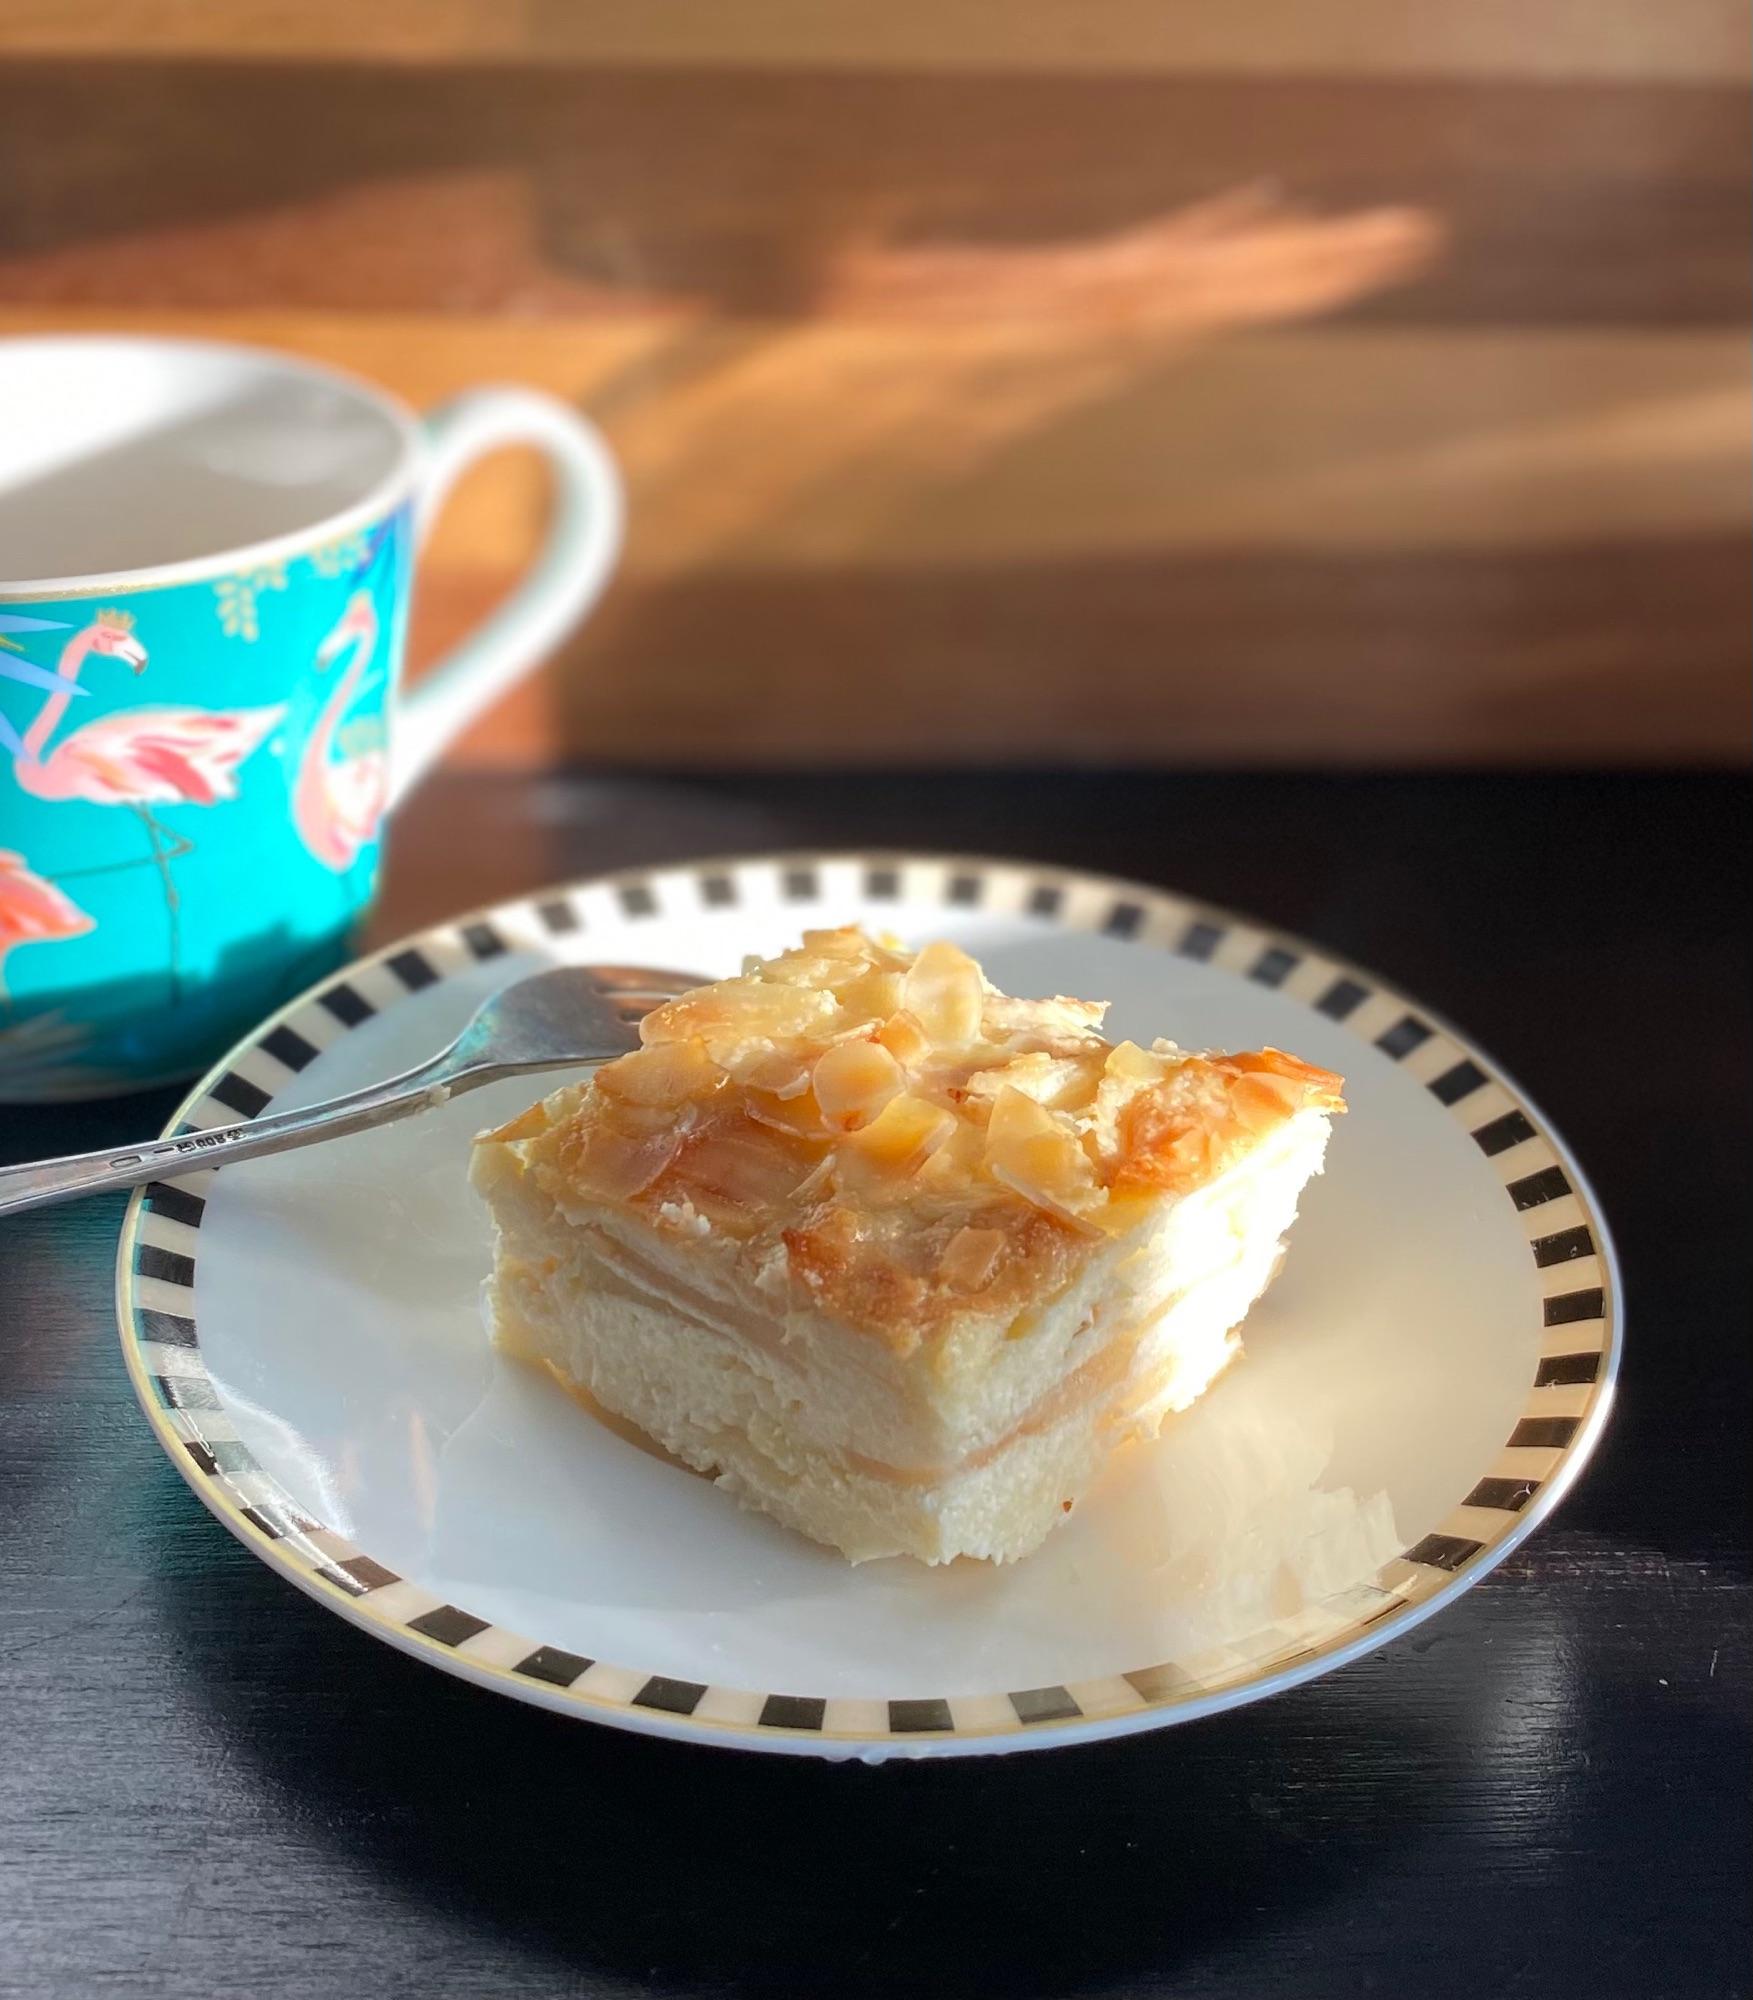 Эстонский десерт. Можно подавать с фруктовым супом ( киселем) много яблок и миндальные хлопья очень кстати.